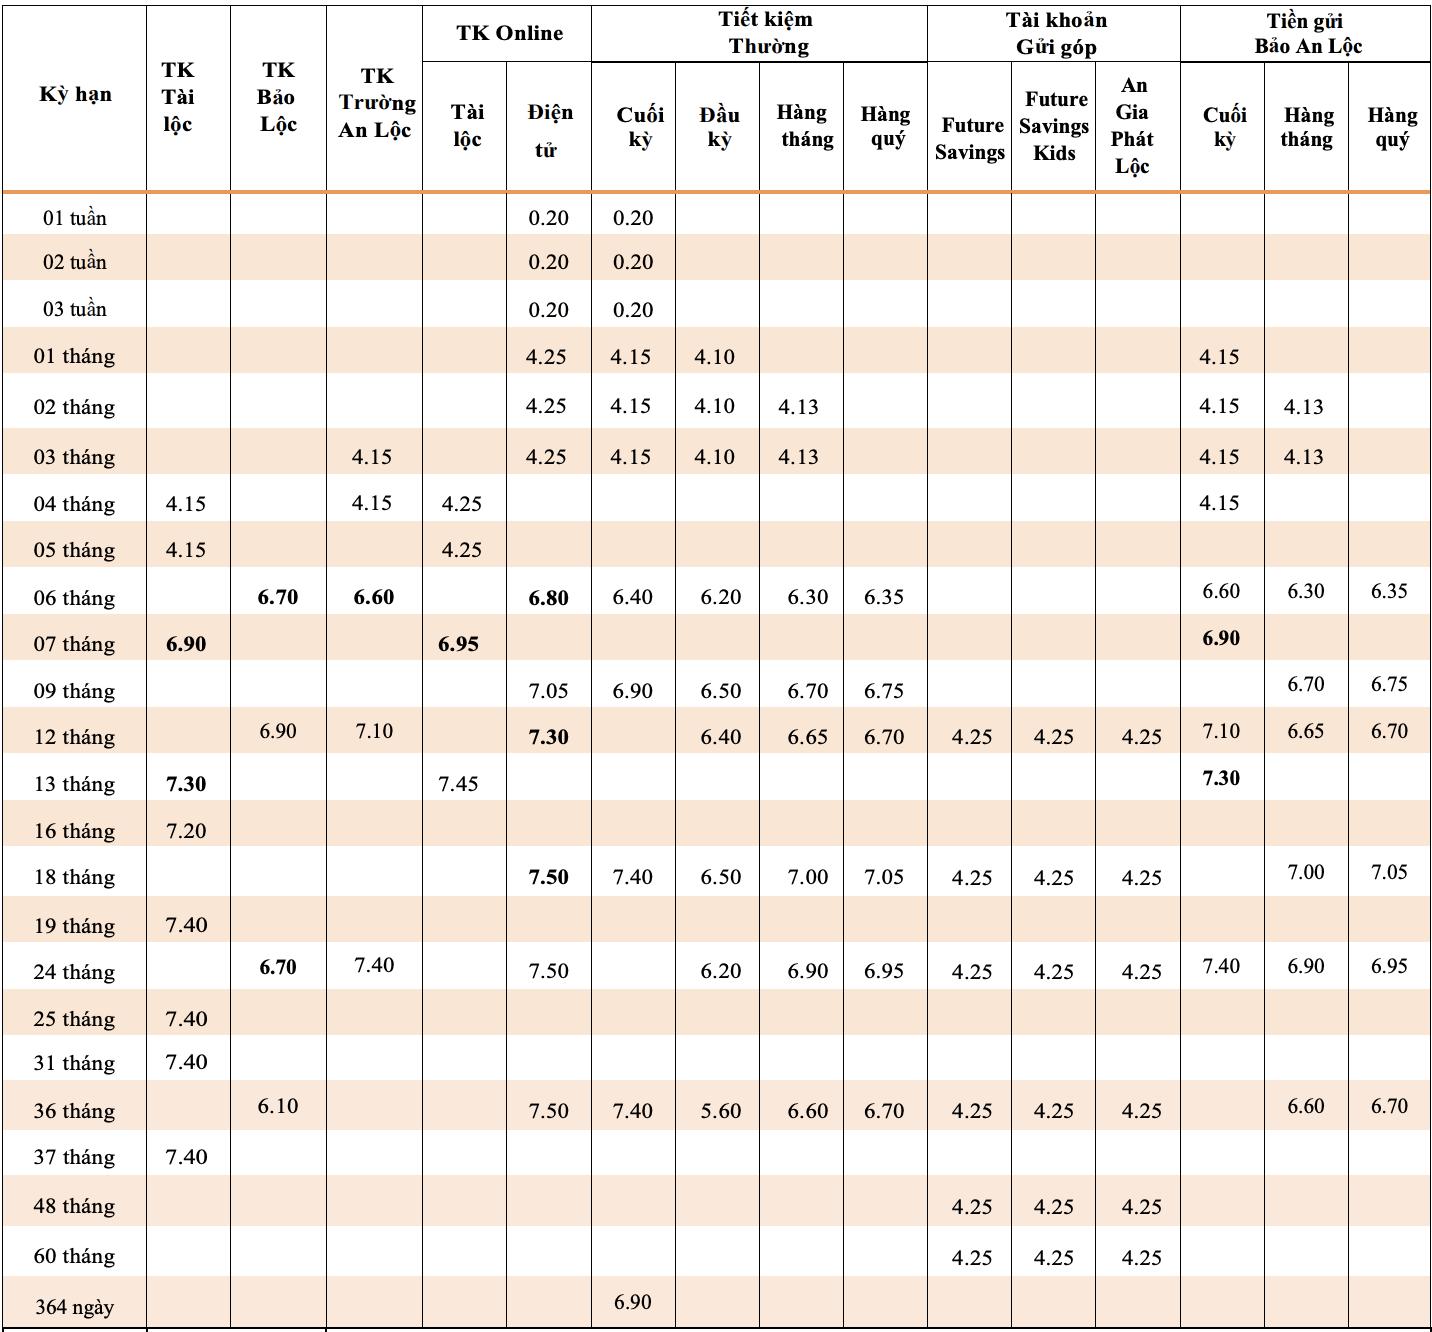 Lãi suất ngân hàng TPBank tháng 6/2020: Cao nhất là 7,6%/năm - Ảnh 1.